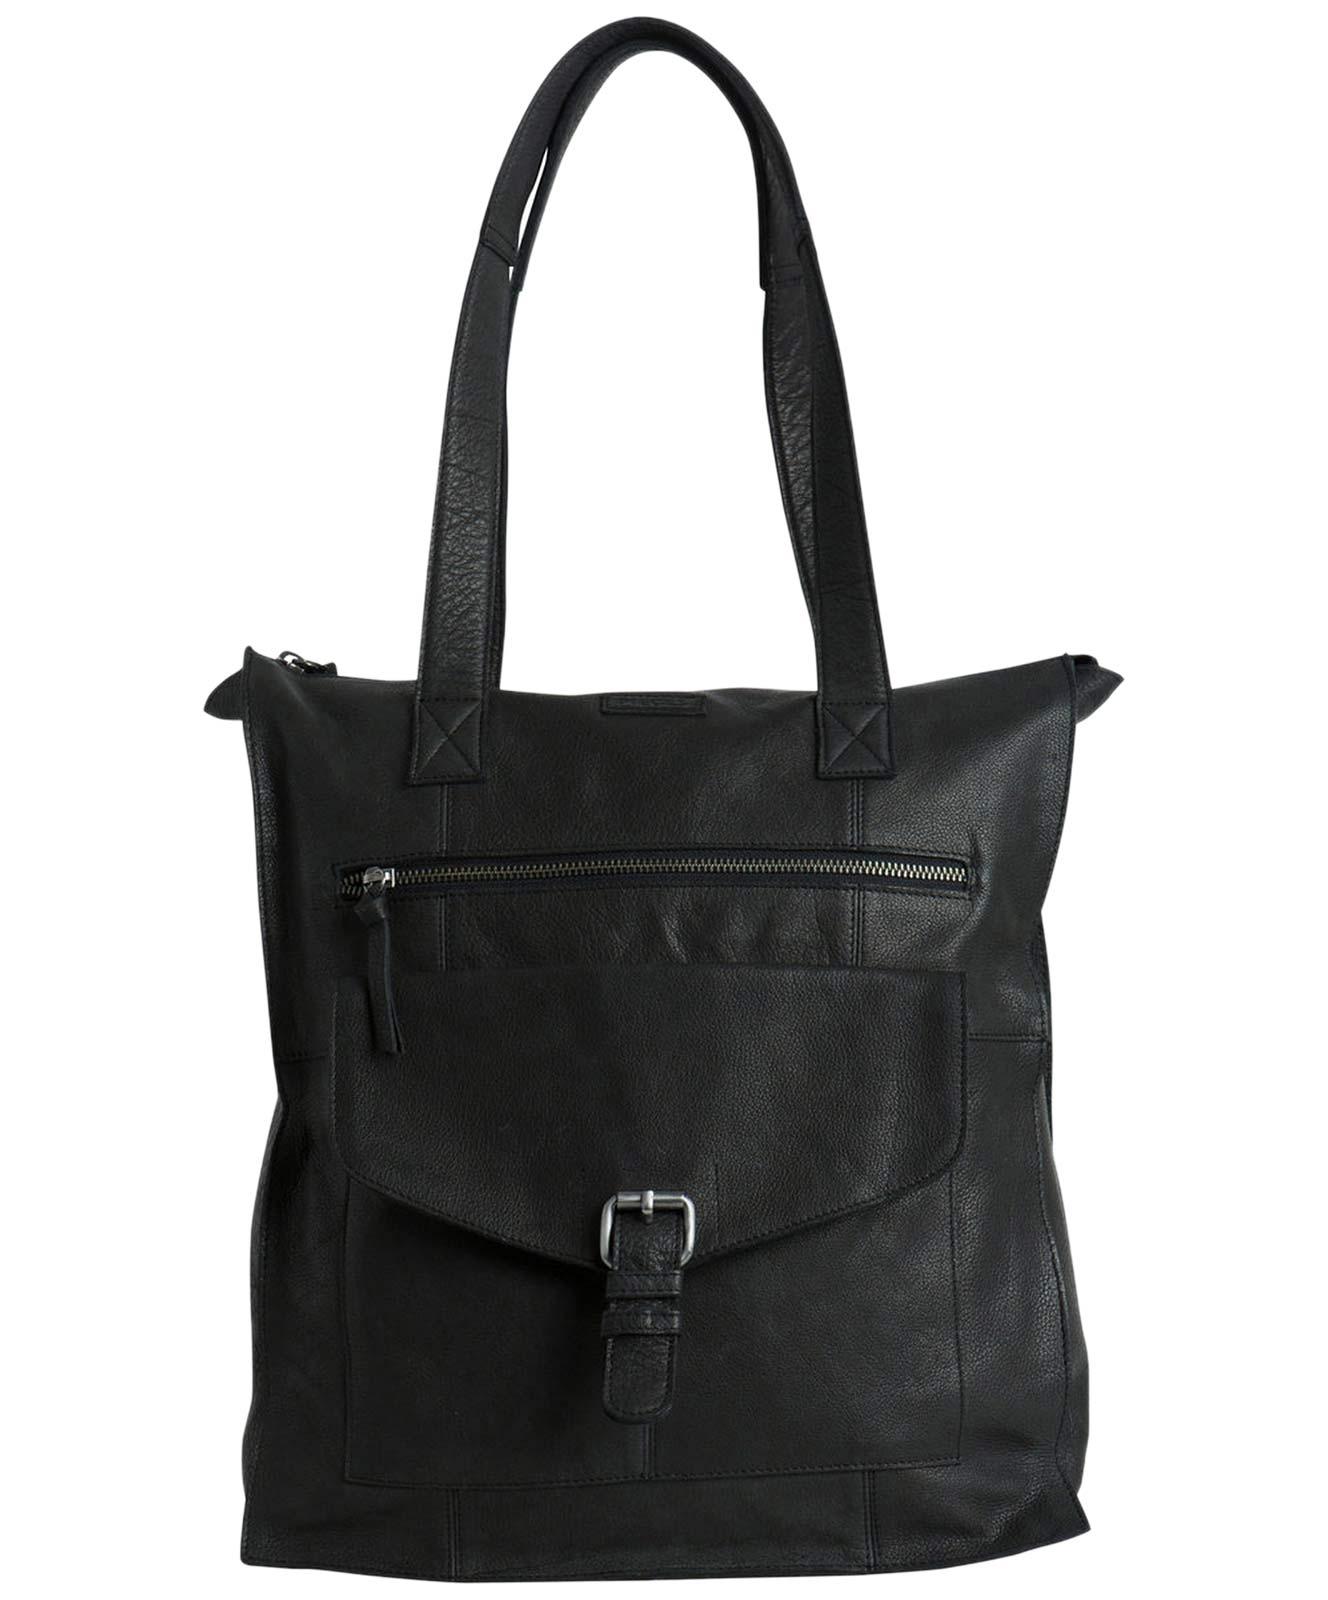 Cabby - Schwarze Shopper Tasche aus Leder